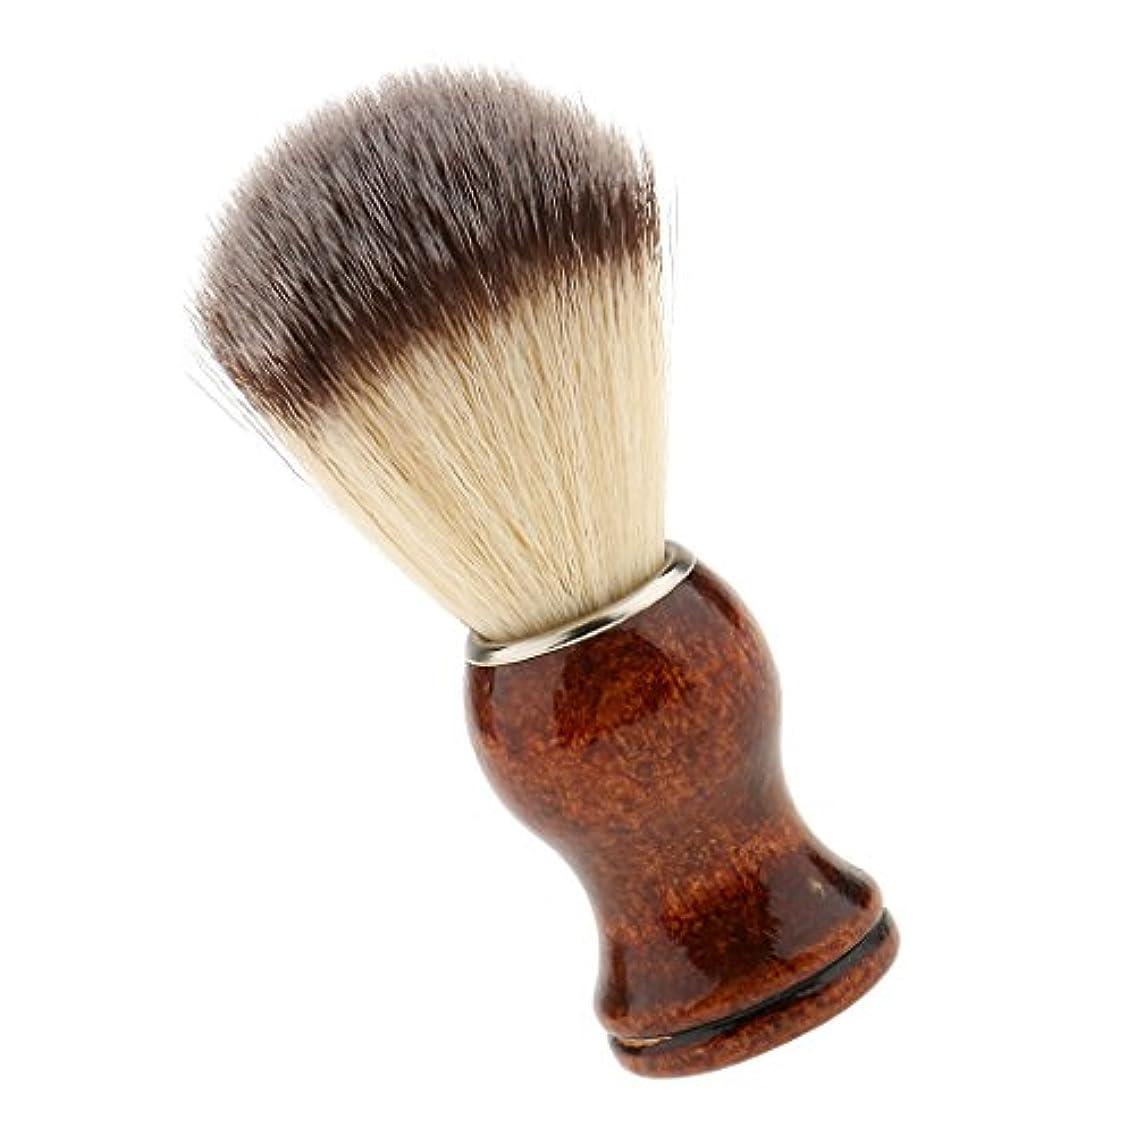 SONONIA サロン 理髪用 ナイロン シェービングブラシ 首/顔 散髪整理  泡たてやすい ひげブラシ